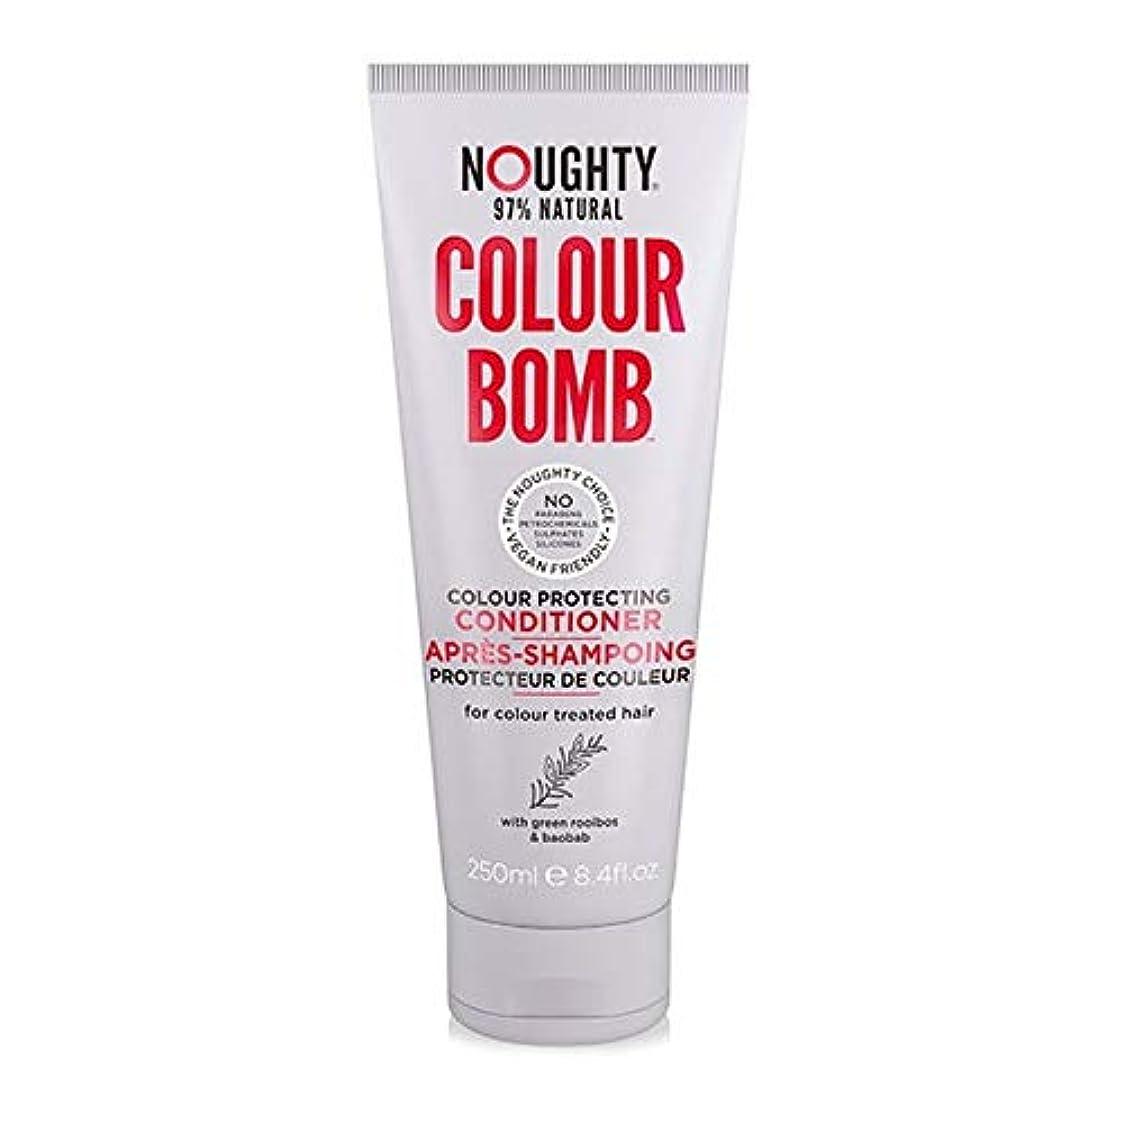 ハーネス叫ぶフリッパー[Noughty] コンディショナー250Mlを保護Noughtyカラー爆弾の色 - Noughty Colour Bomb Colour Protecting Conditioner 250ml [並行輸入品]